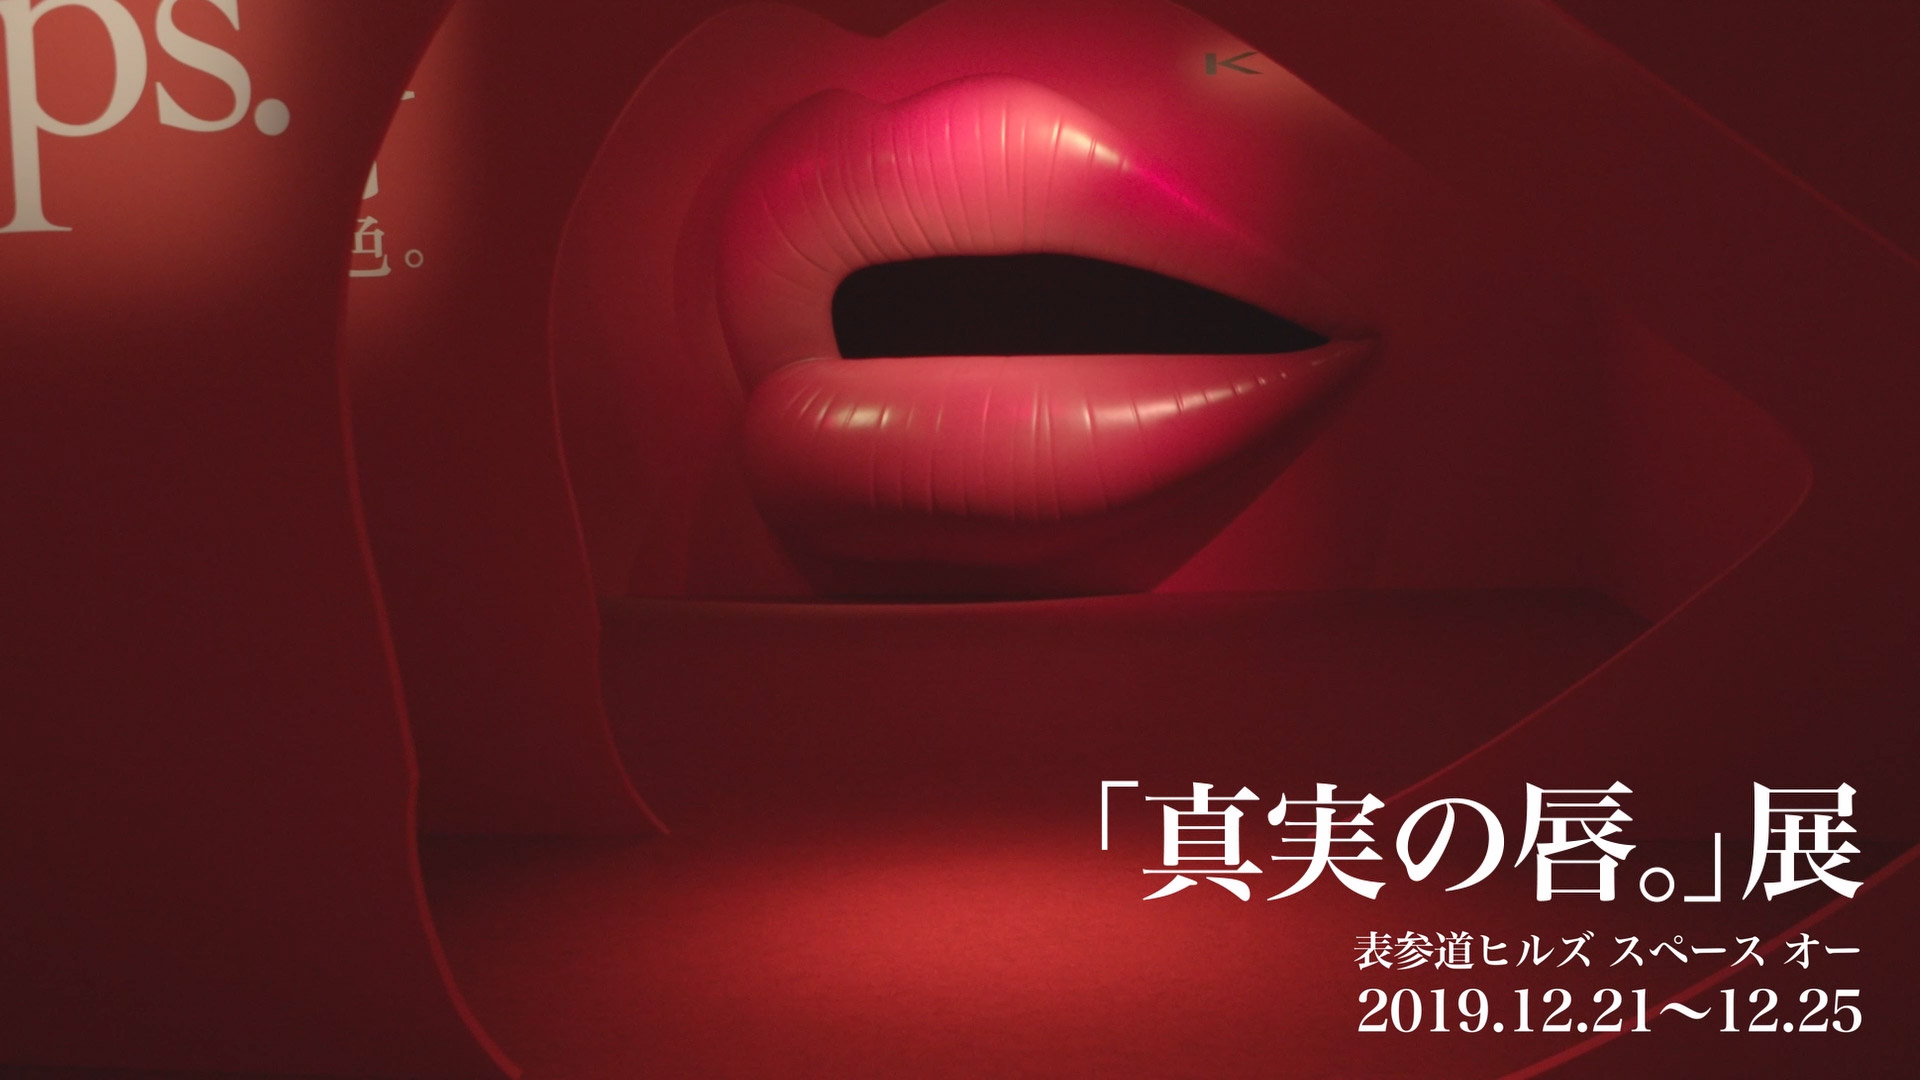 カネボウ化粧品 KATE「真実の唇。」展